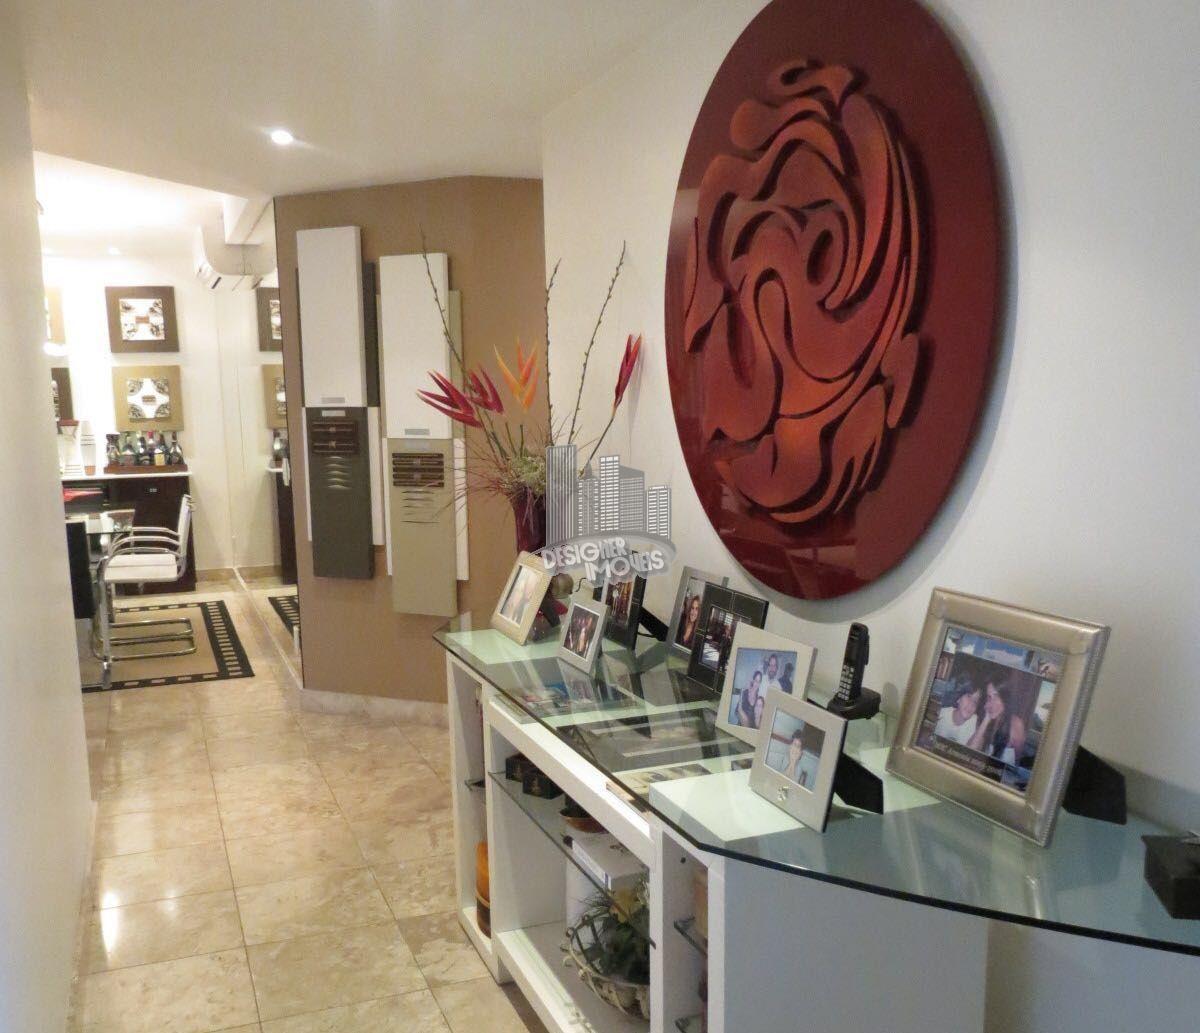 Apartamento Para Venda ou Aluguel no Condomínio Pedra de Itaúna - Rio de Janeiro - RJ - Barra da Tijuca - LRA4007 - 8